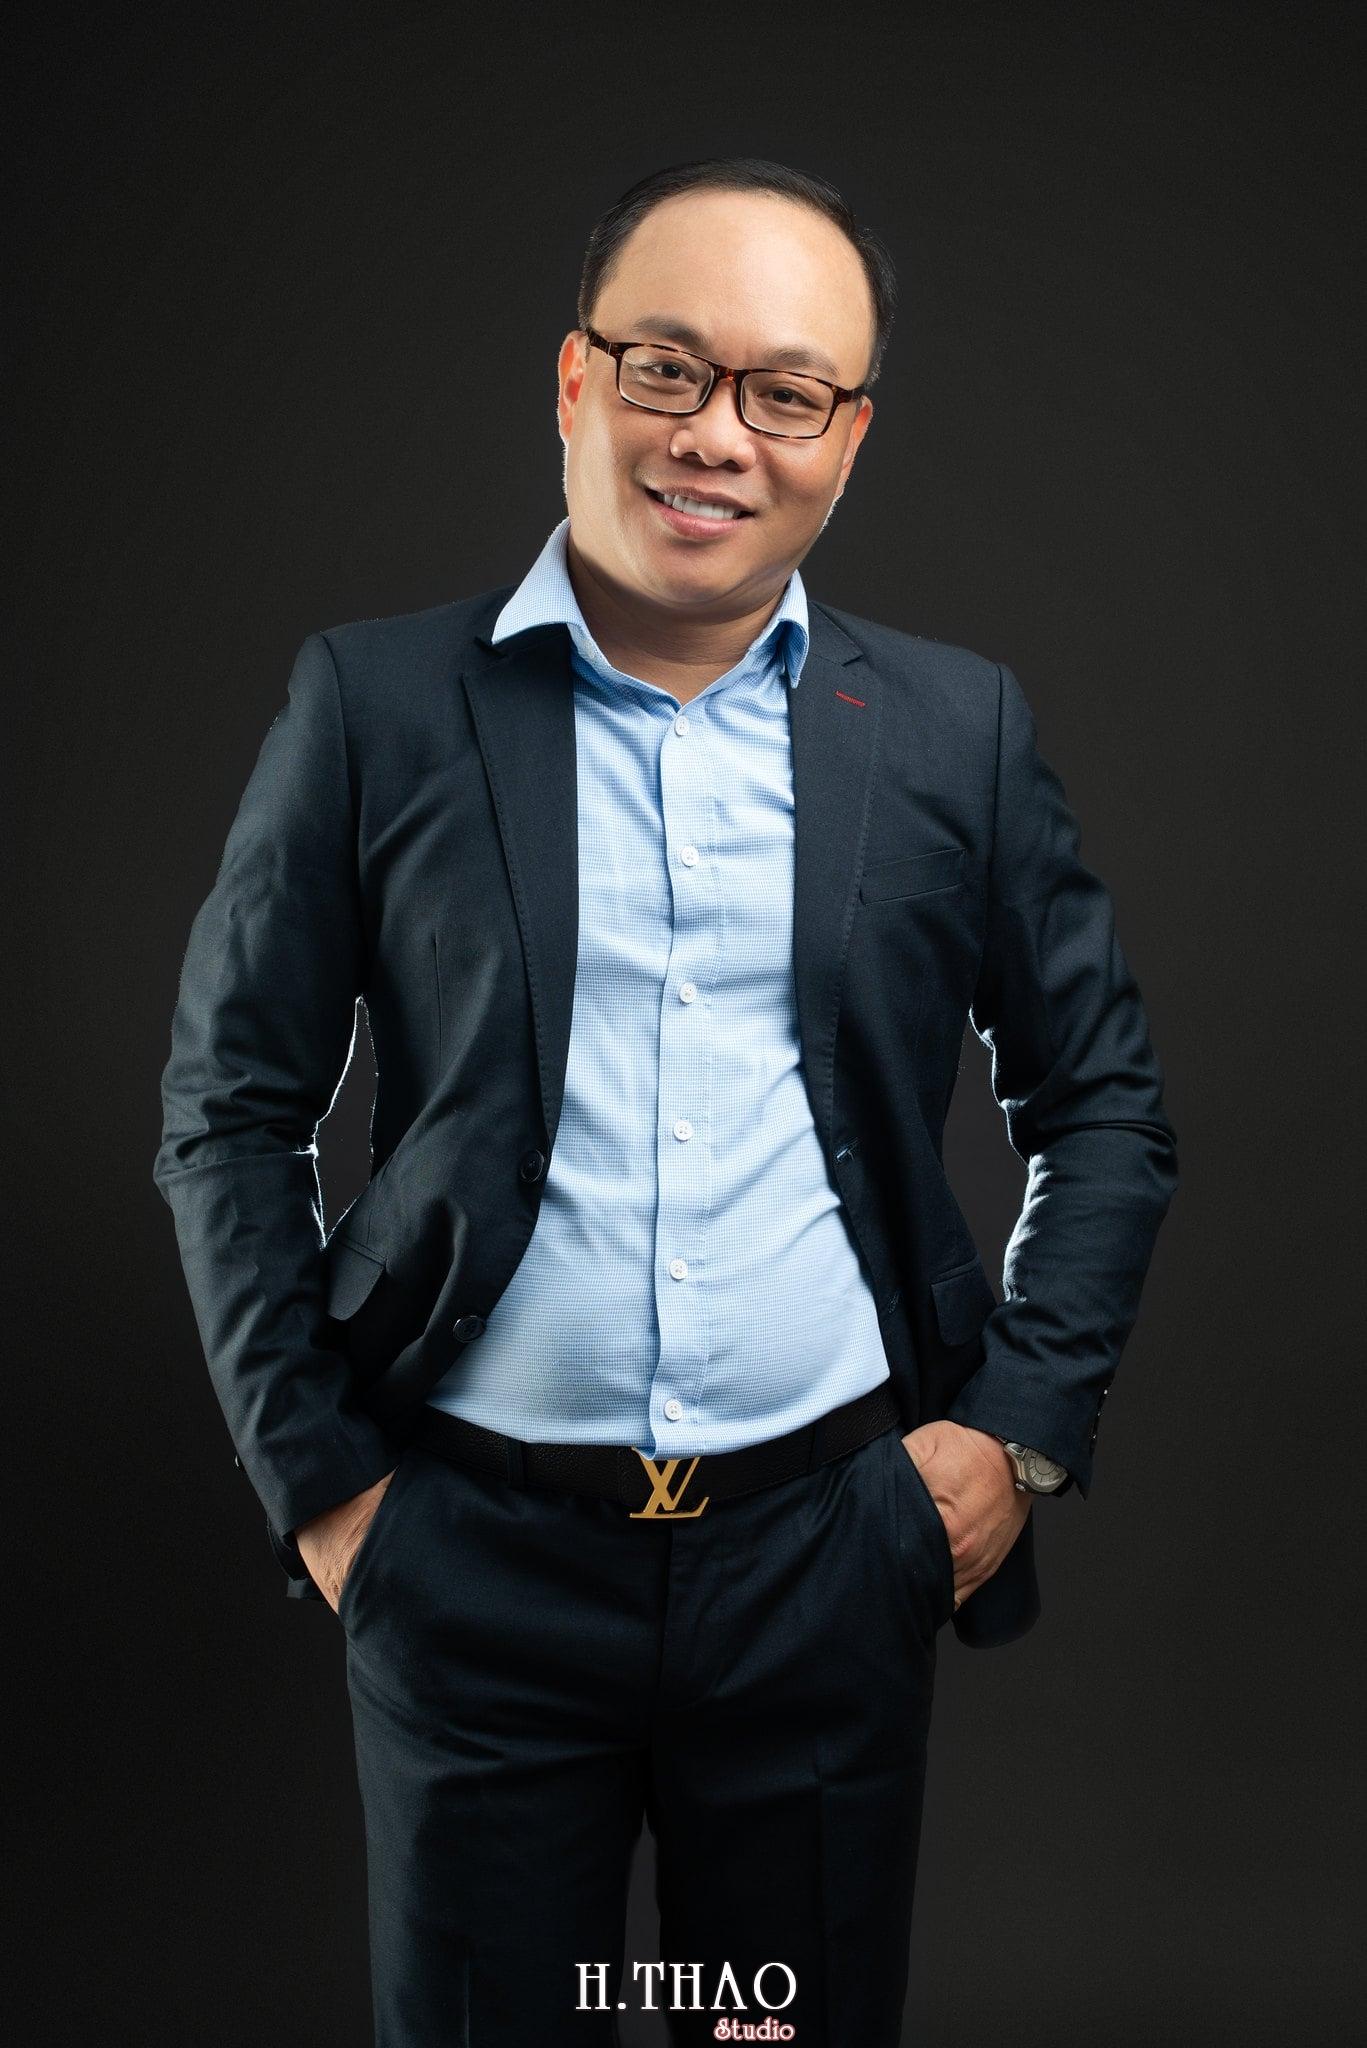 Anh Duy An 6 min - Album ảnh giảng viên, tiến sĩ Duy Ân trẻ tuổi năng động - HThao Studio